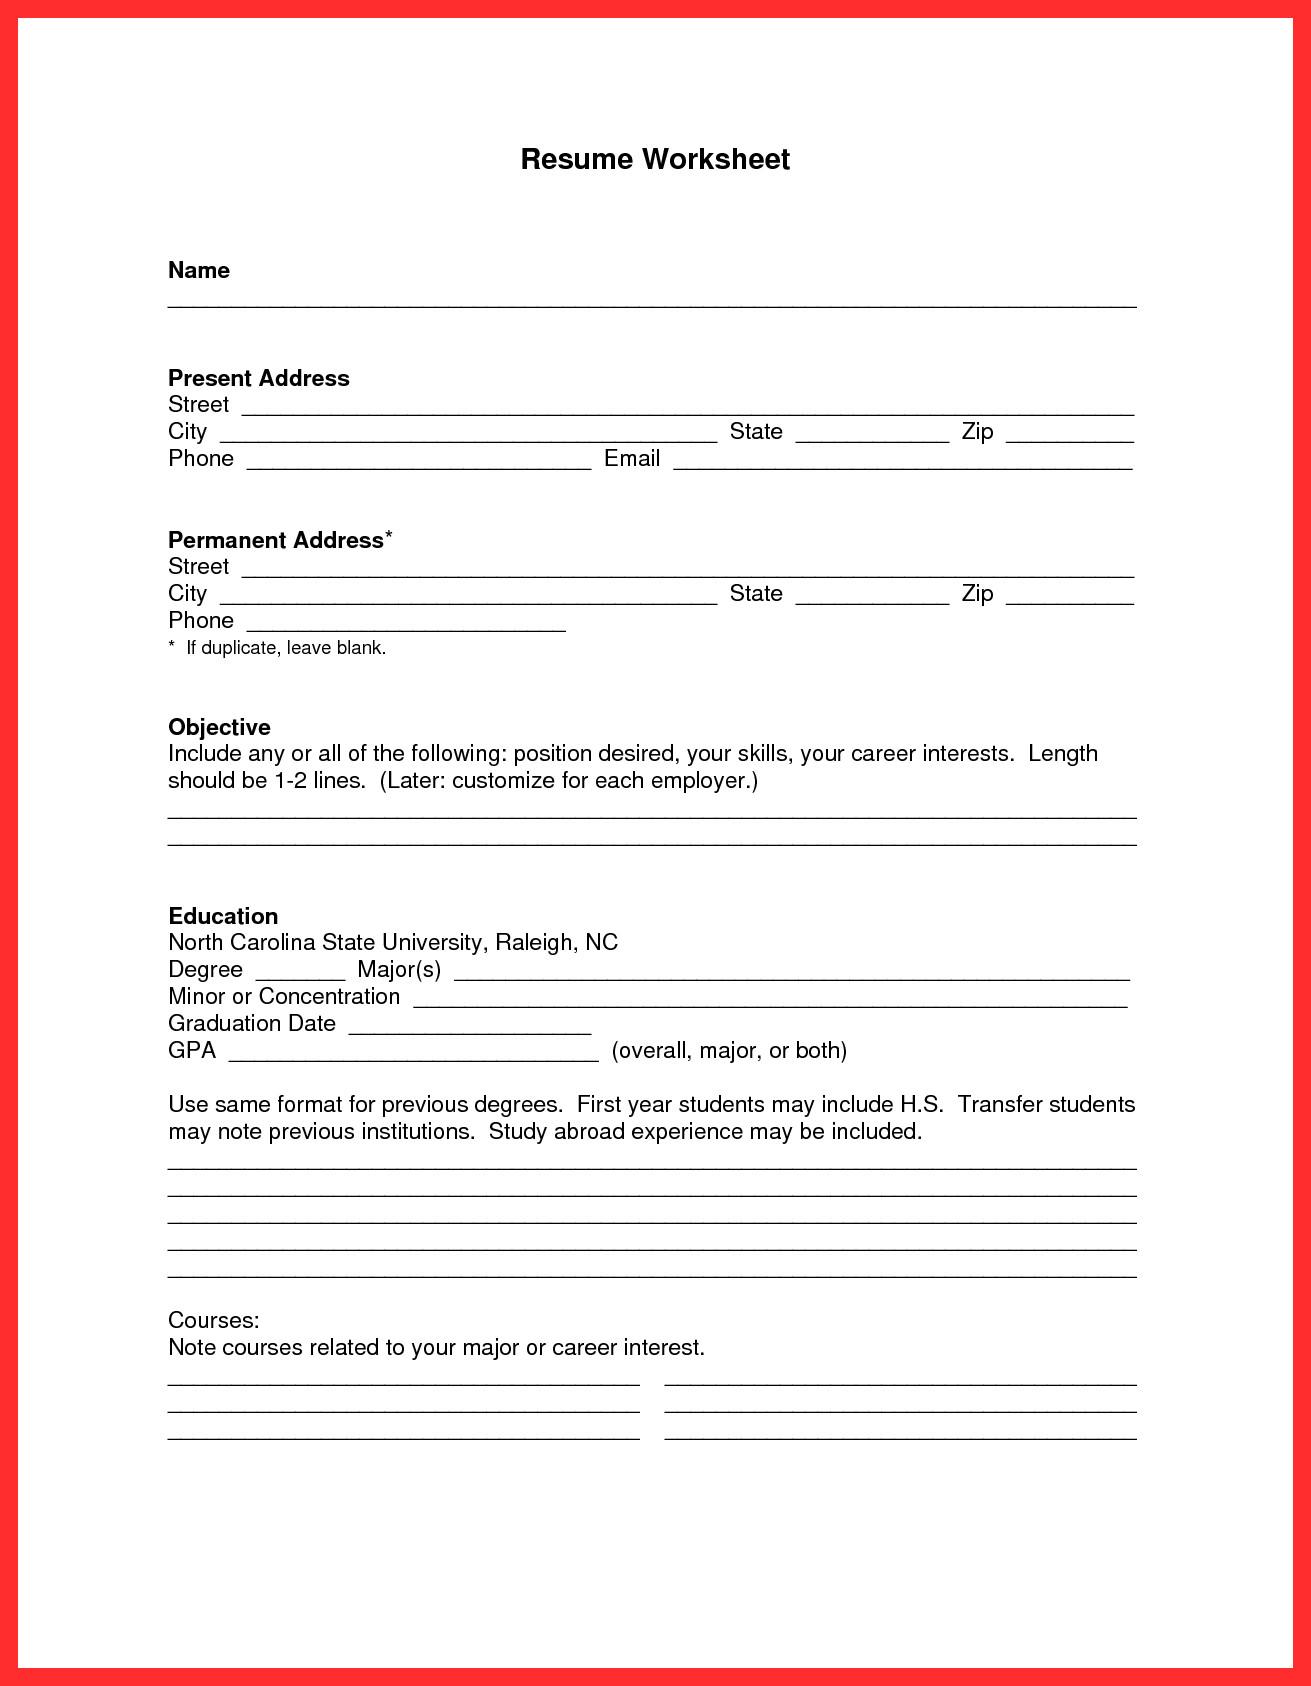 Free Resume Templates Pdf Apa Resume Template